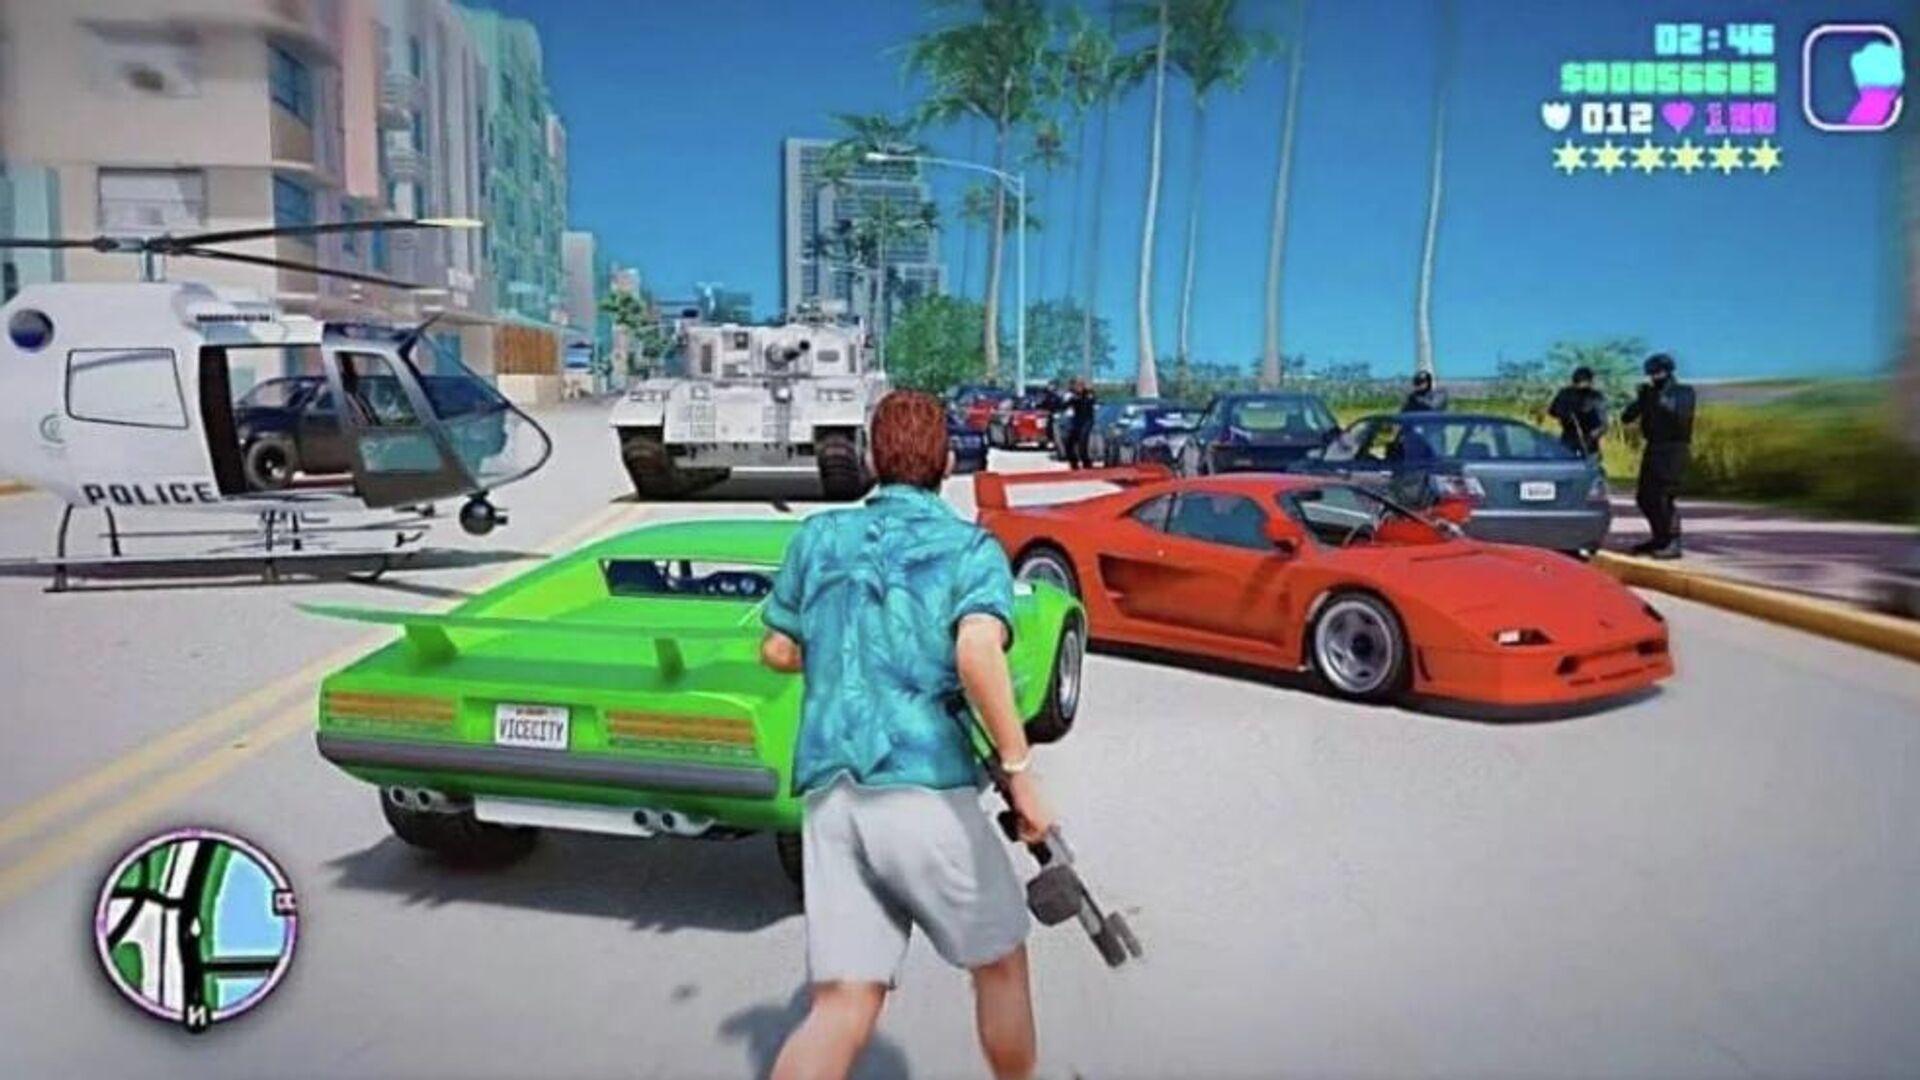 Σκηνή από το παιχνίδια Grand Theft Auto - Sputnik Ελλάδα, 1920, 09.10.2021